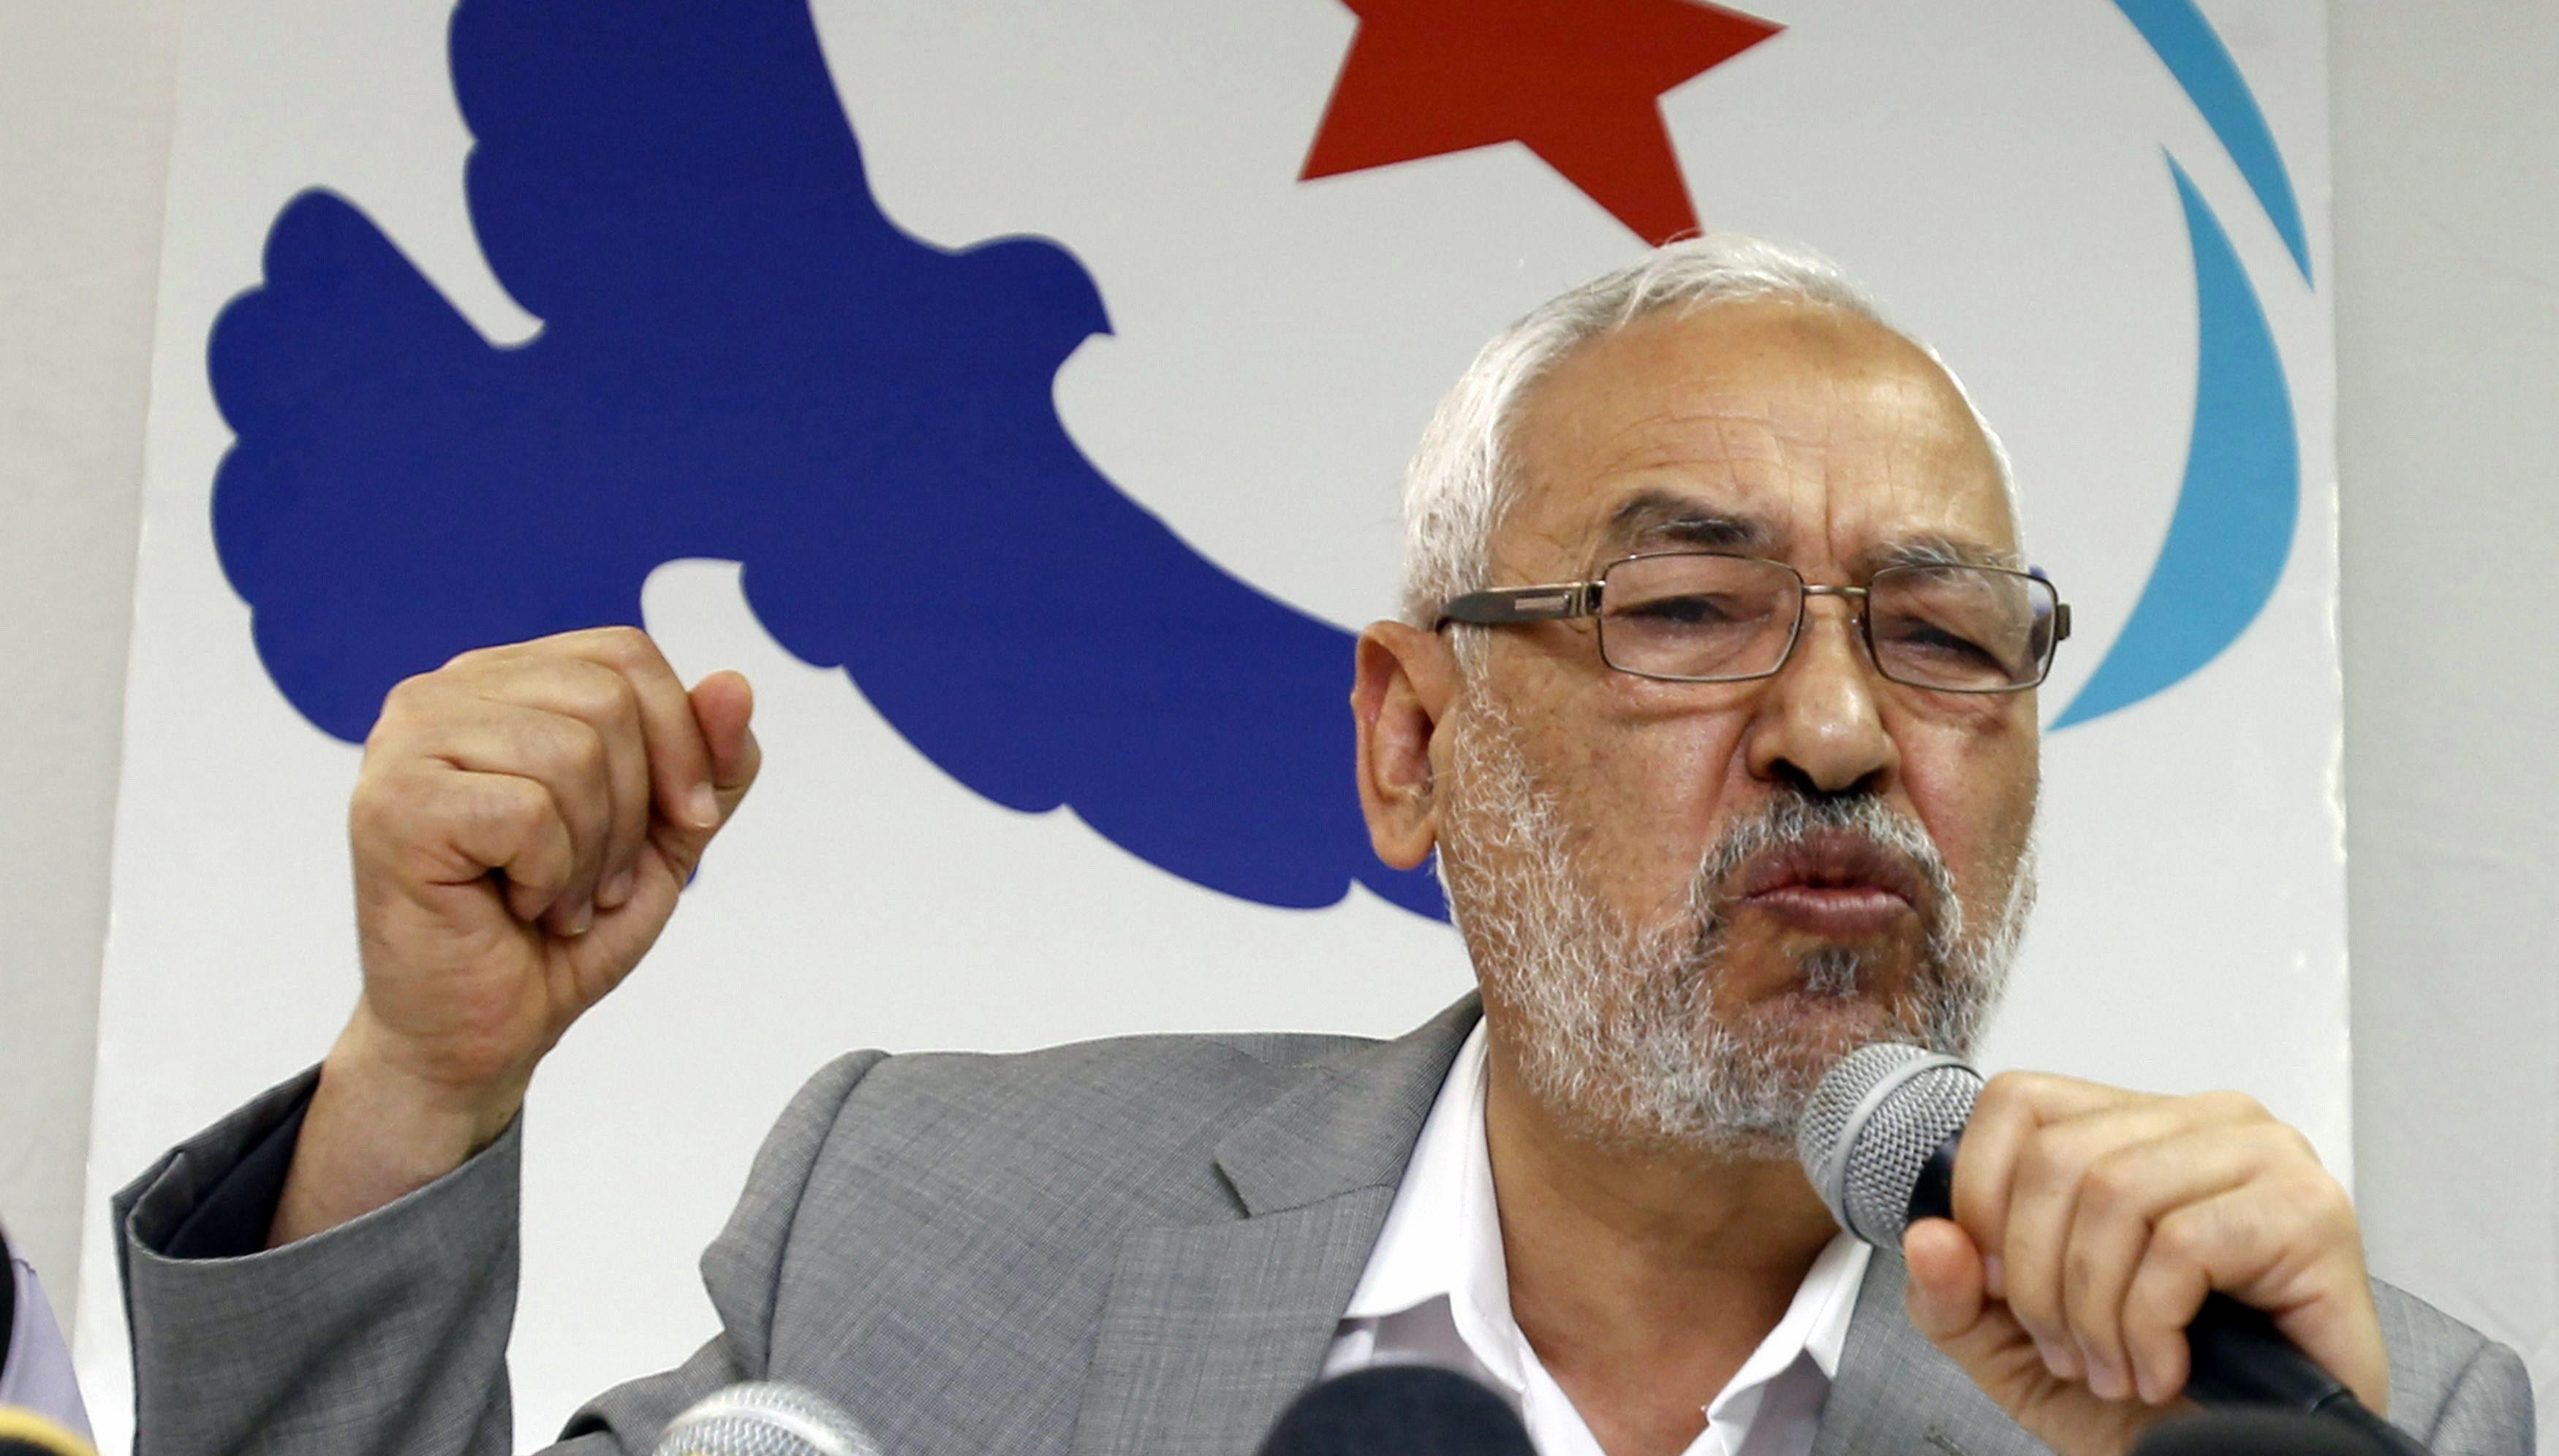 اغلاق صفحة الغنوشي على فيسبوك بسبب تزايد انتقادات التونسيين